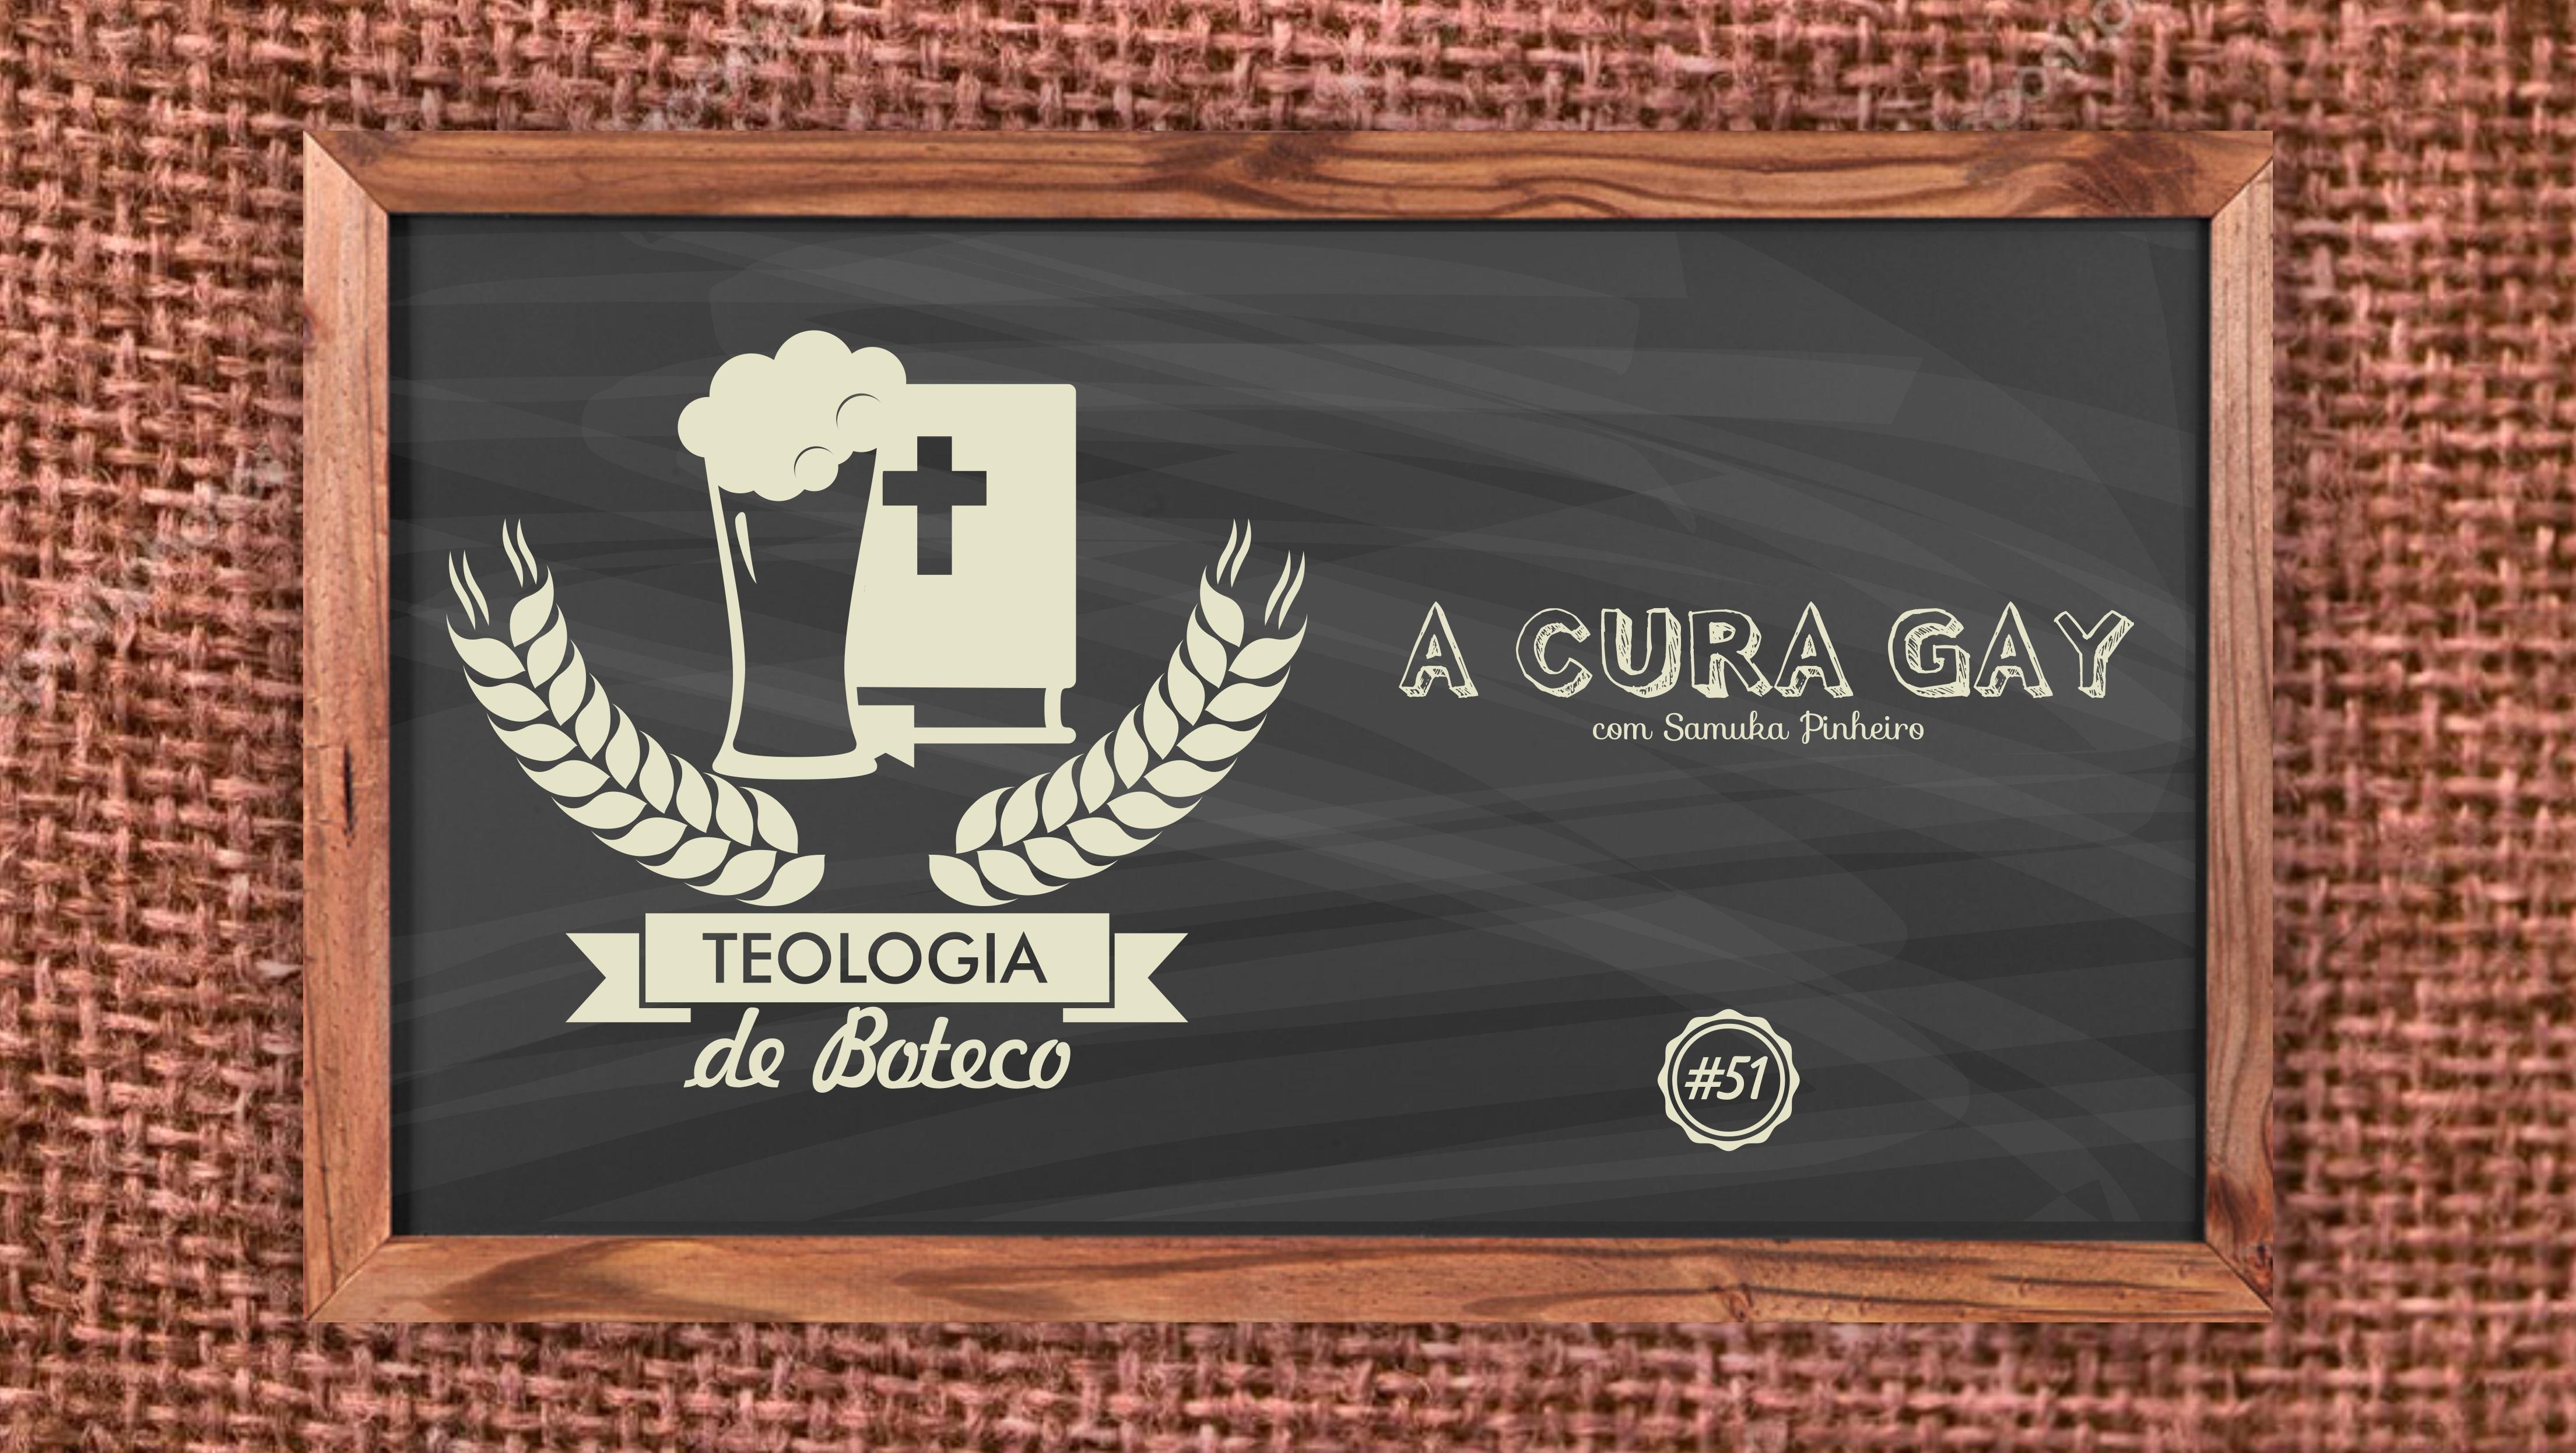 Teologia de Boteco 51 A Cura Gay